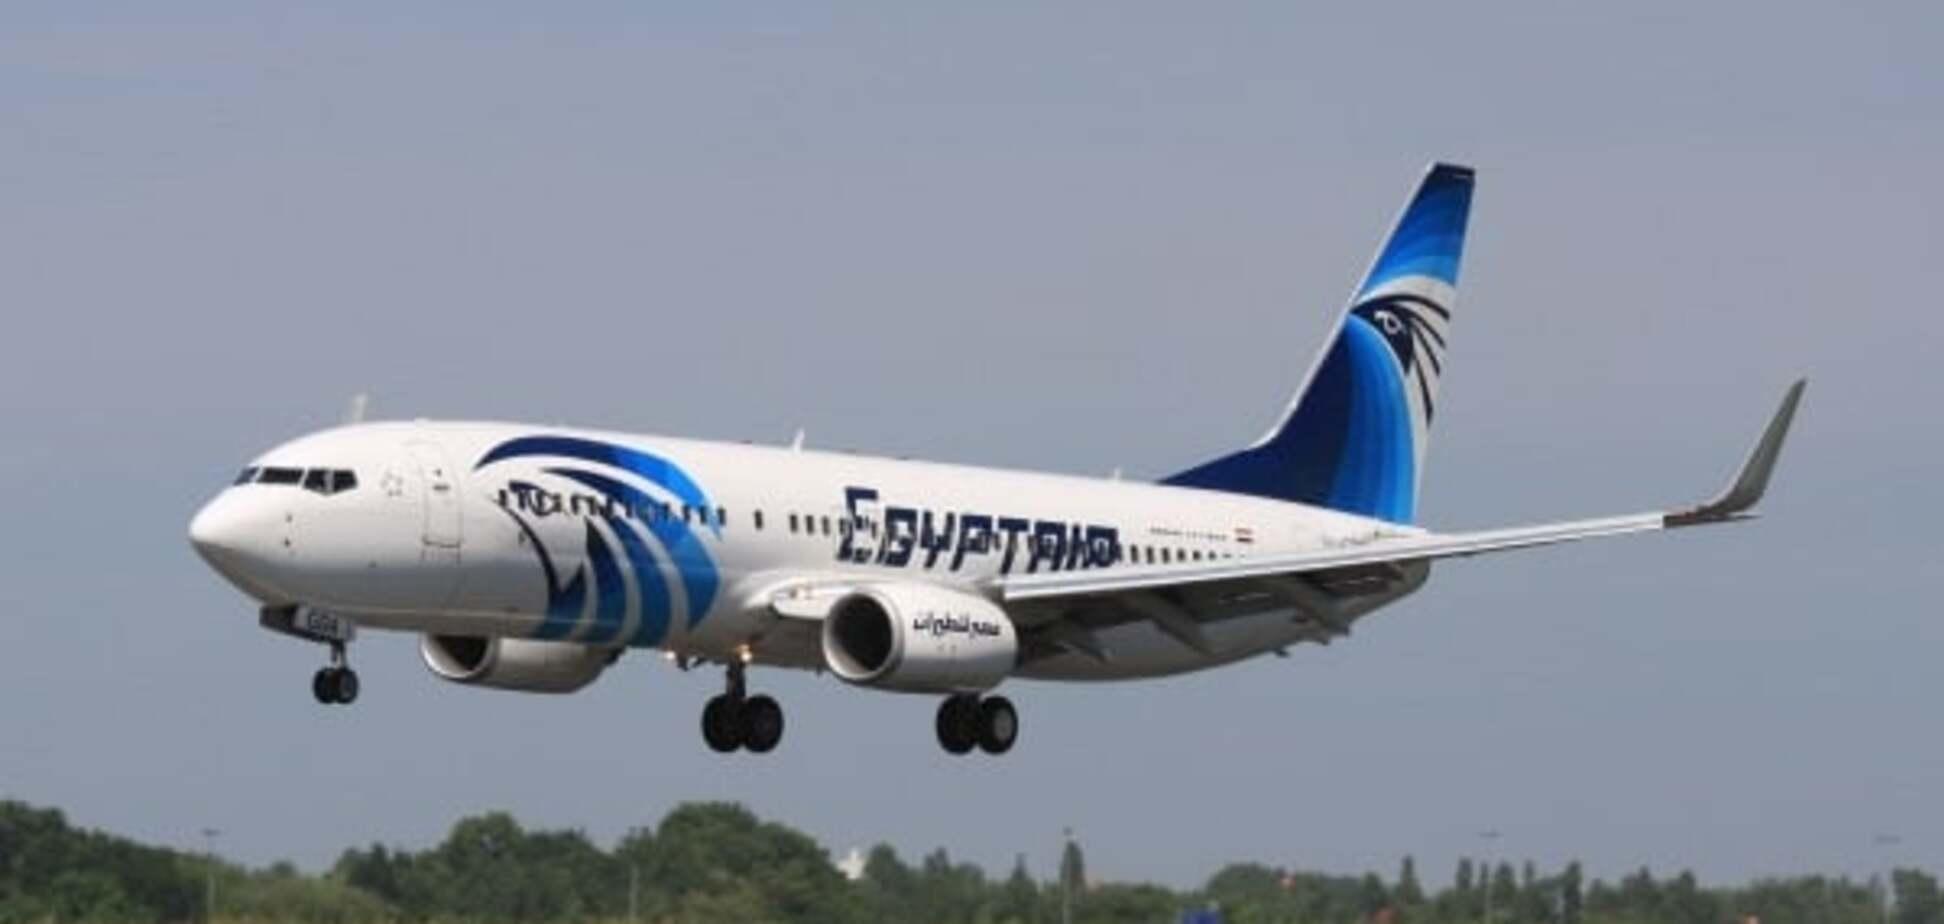 Захоплення єгипетського літака: терористи погрожували підірвати лайнер